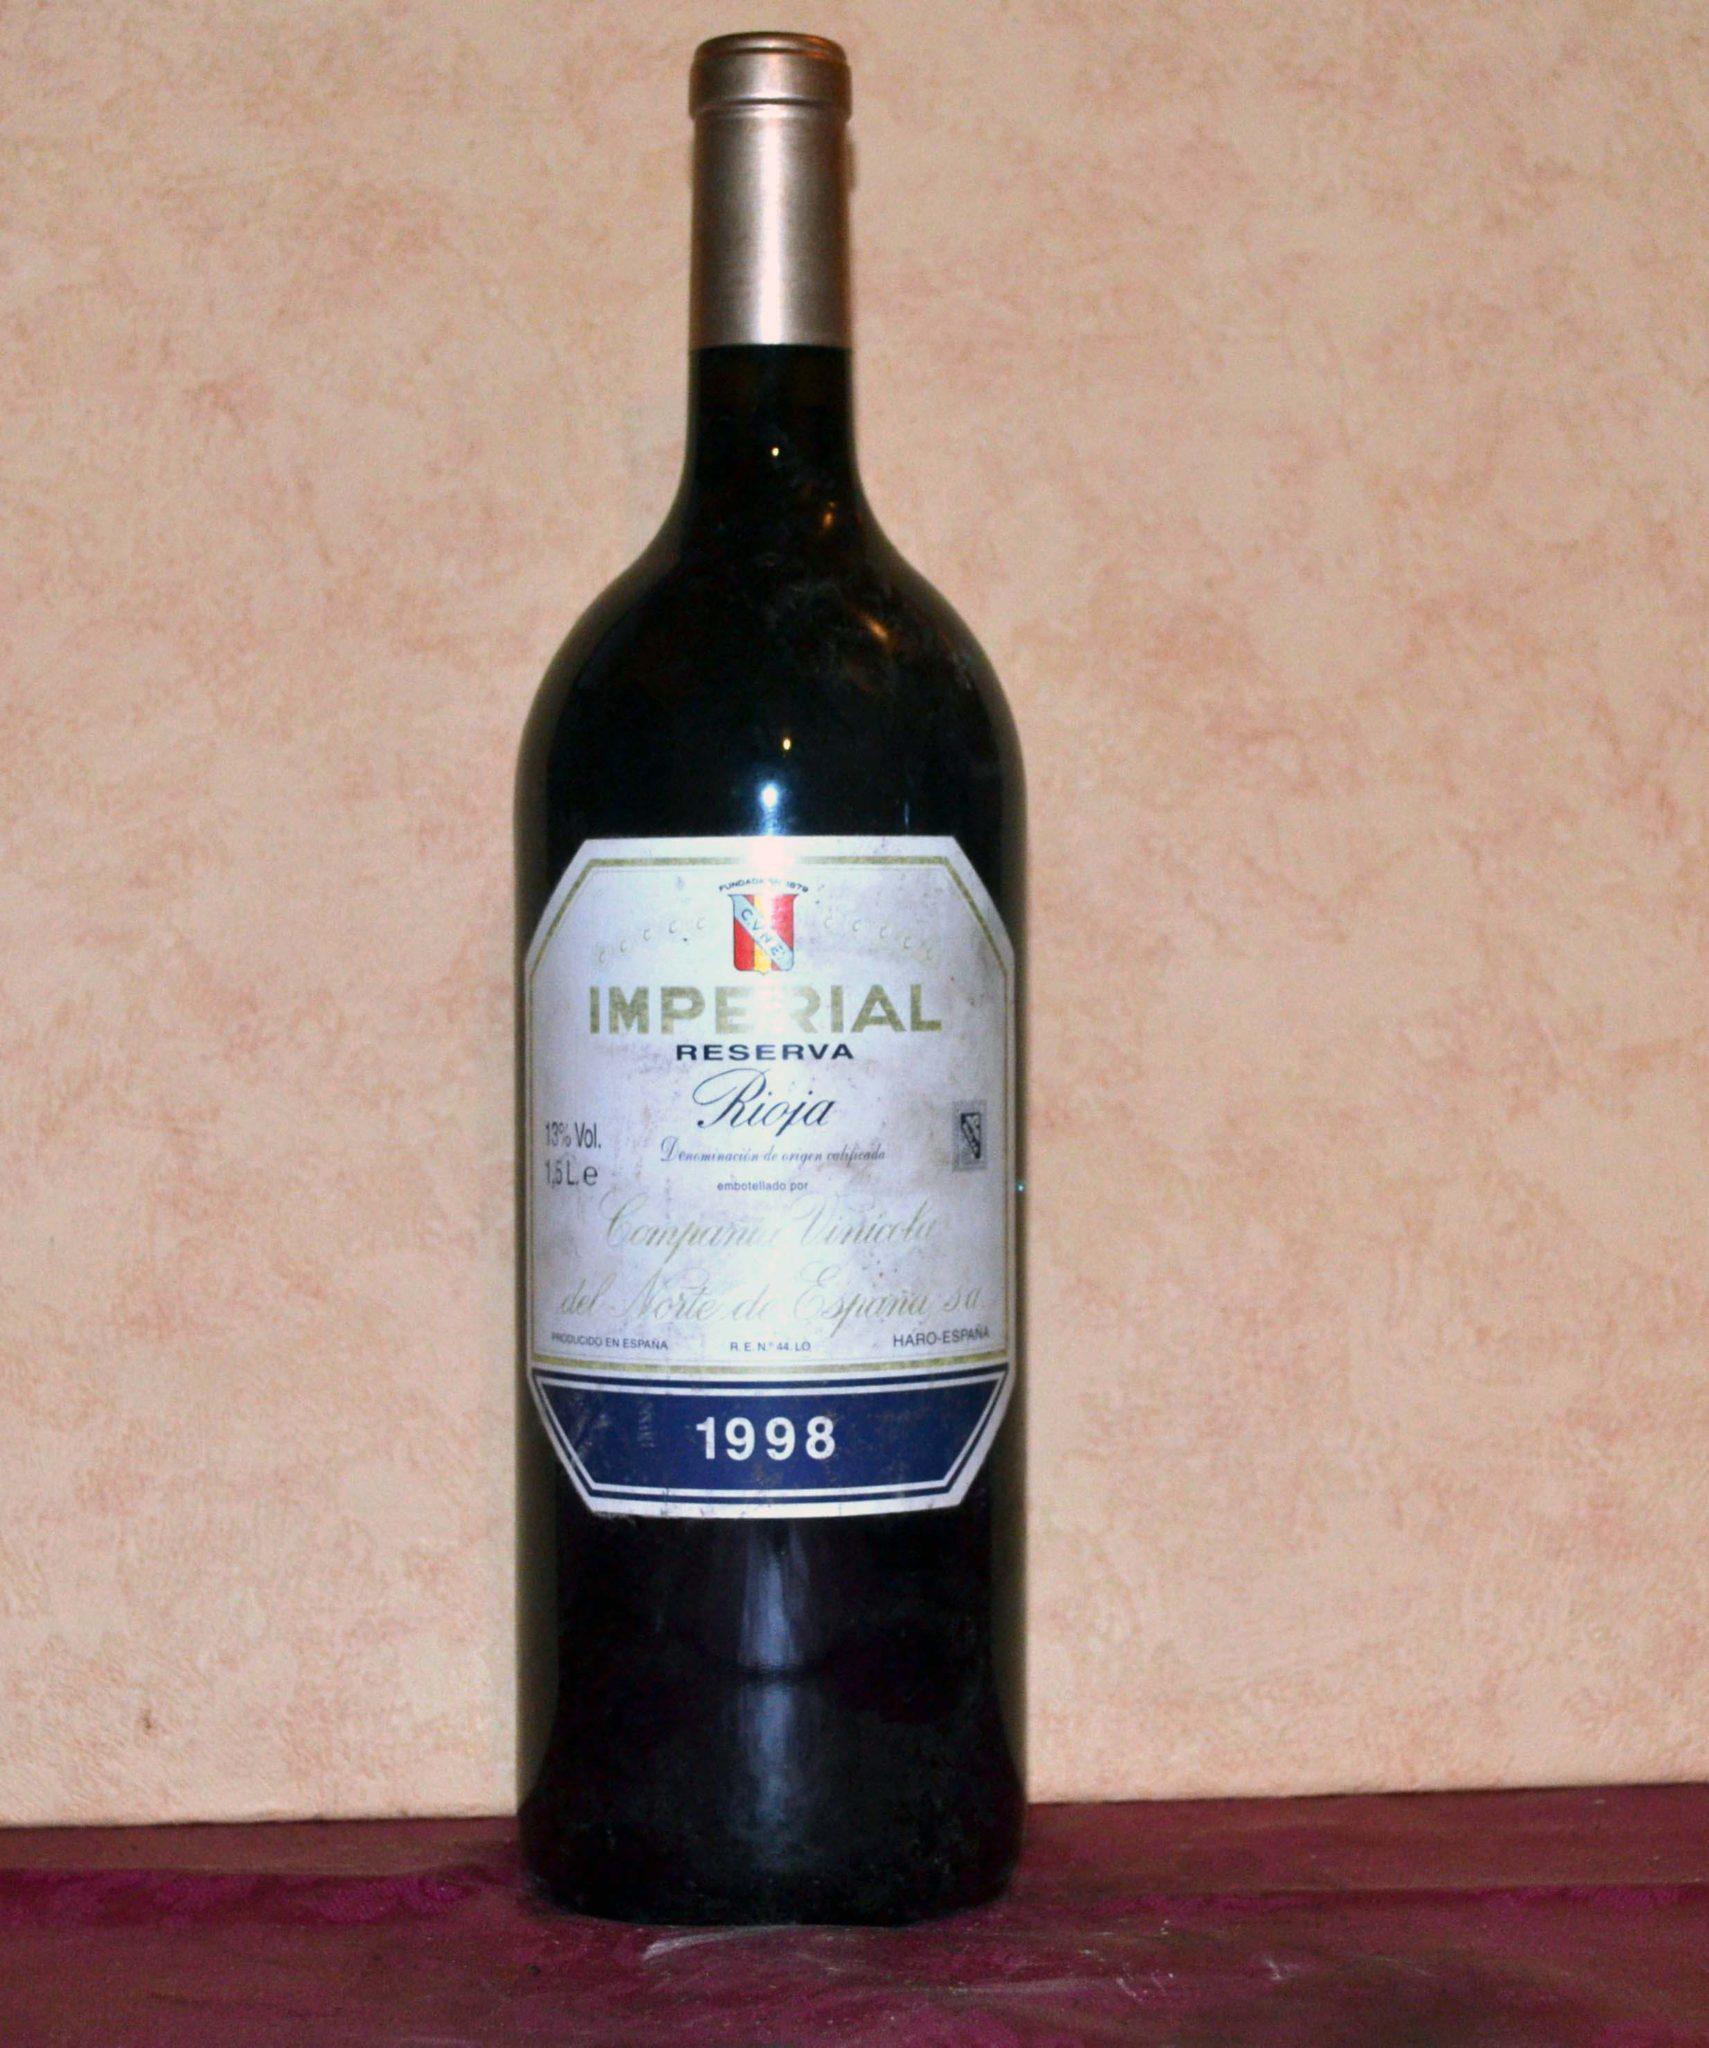 Imperial reserva 1998 magnum